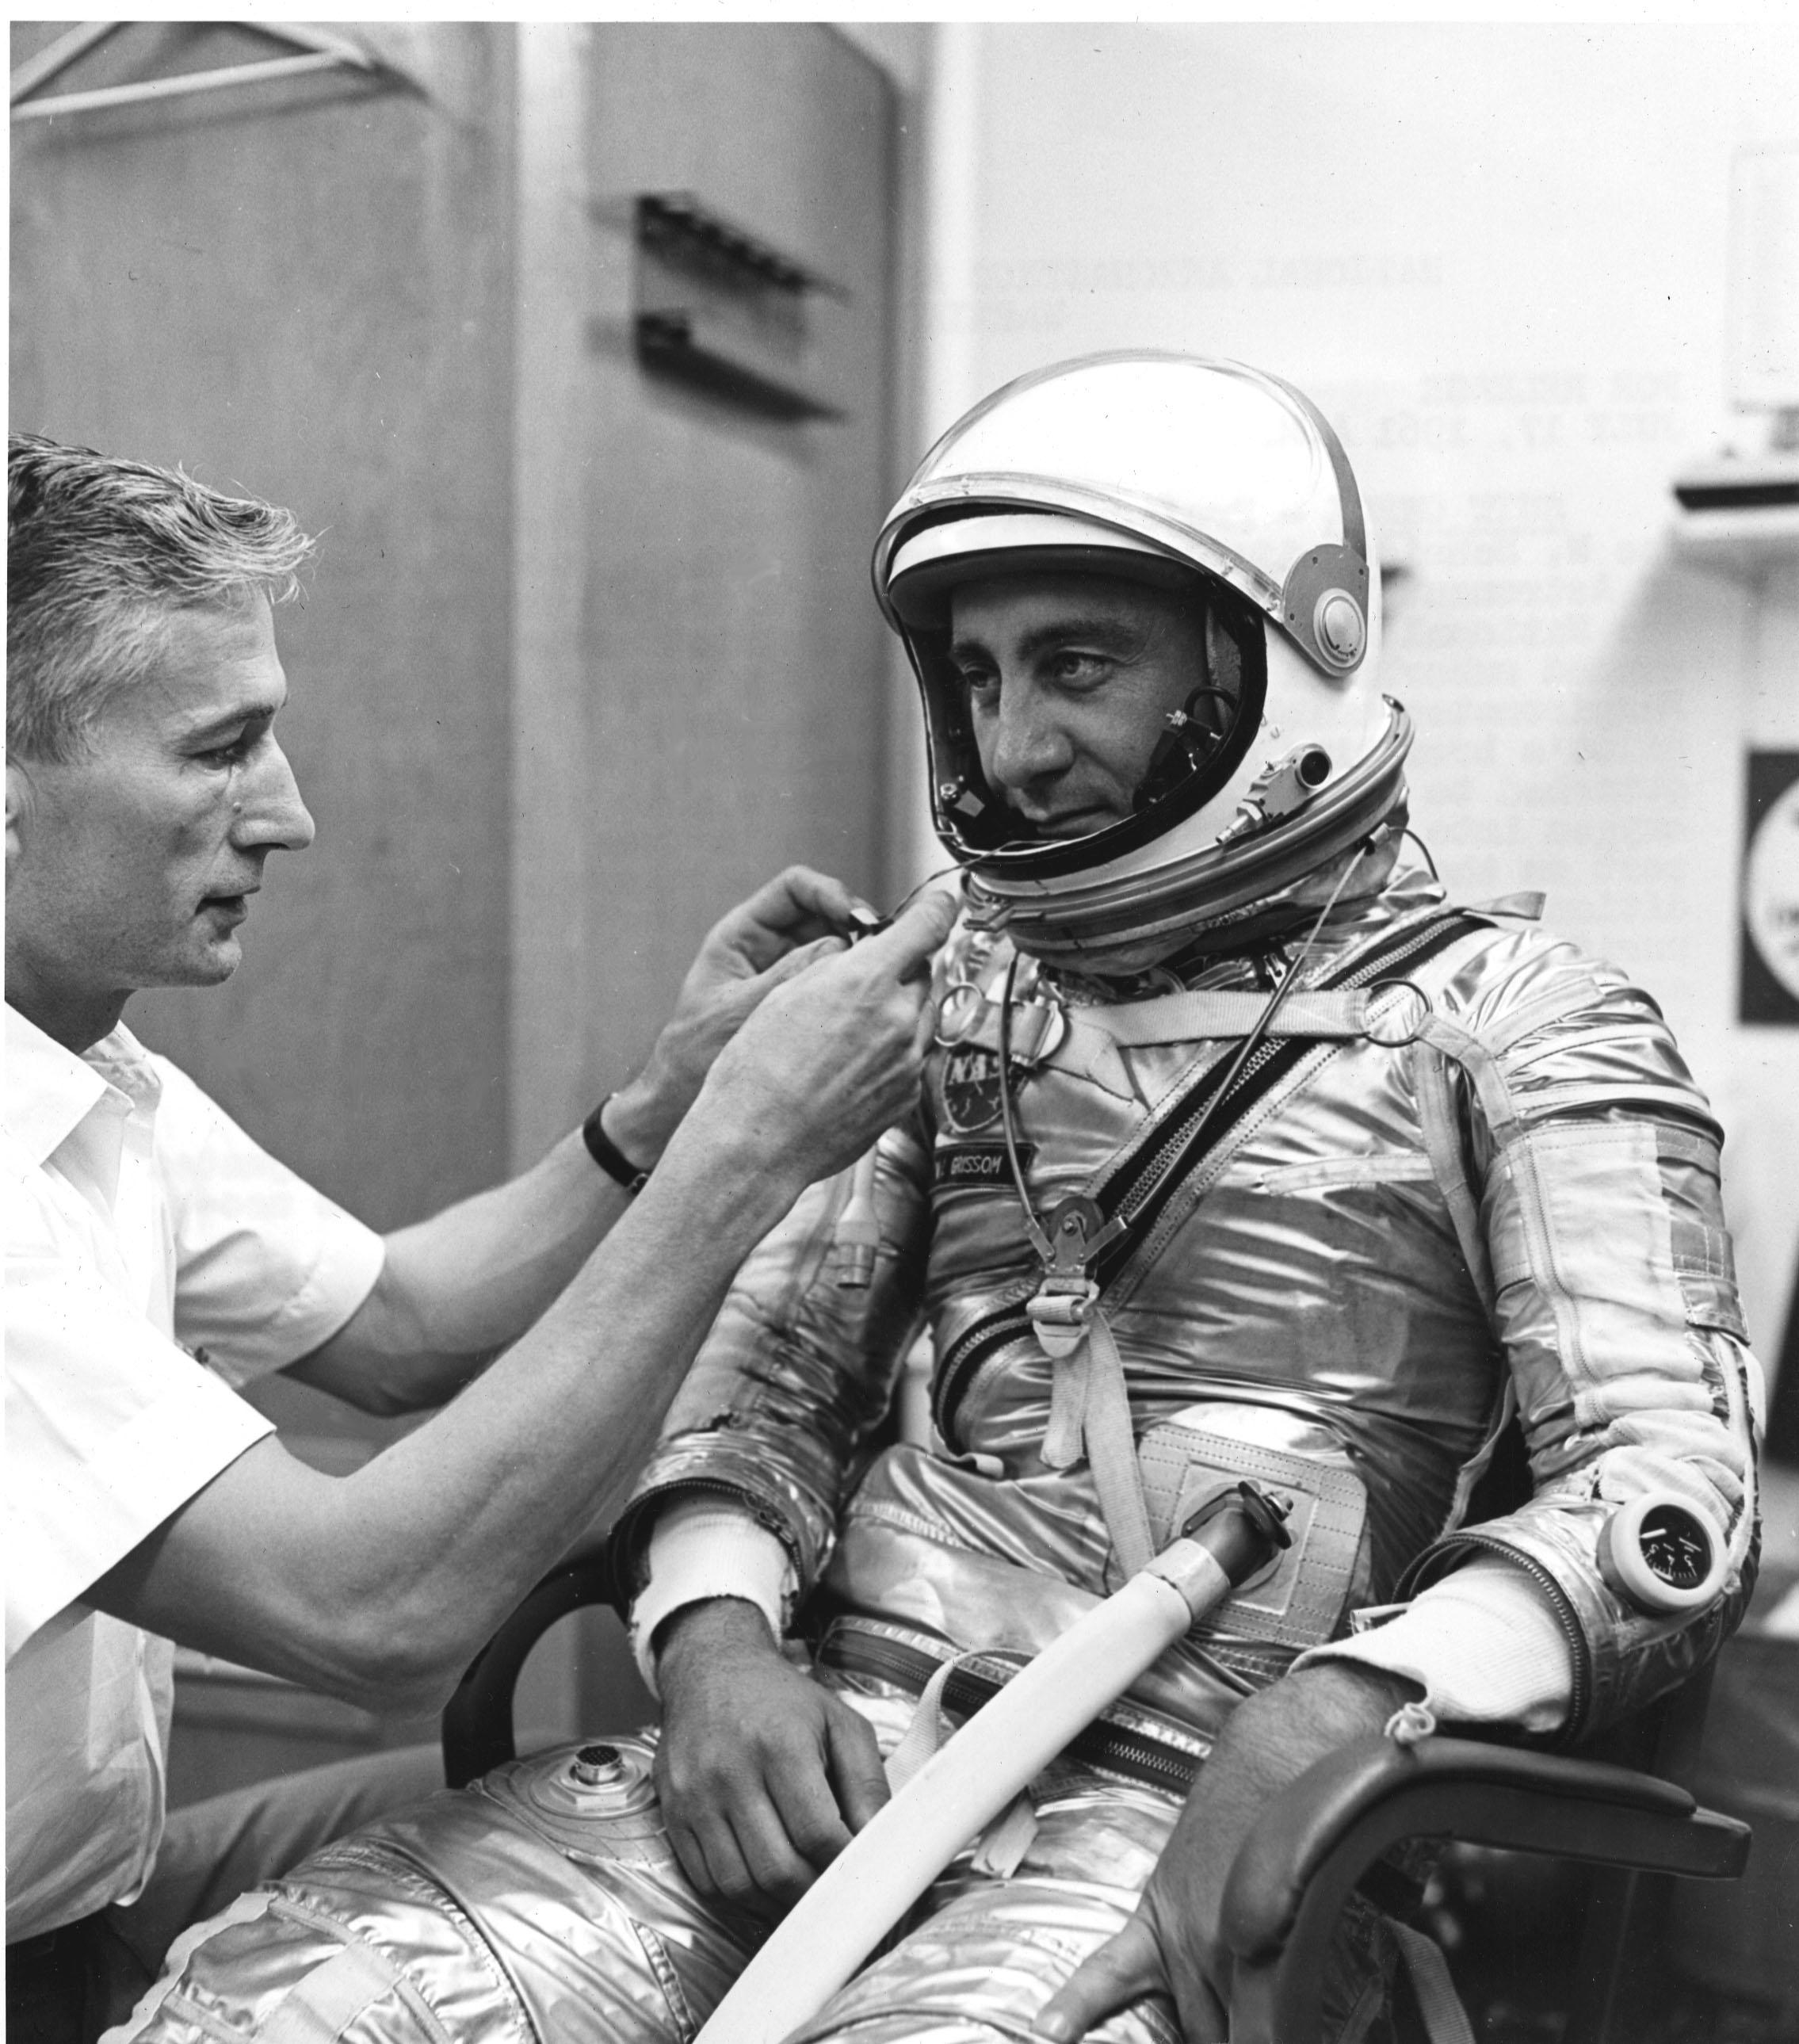 Grissom podczas ostatniego sprawdzenia kombinezonu przed misją Mercury 4.